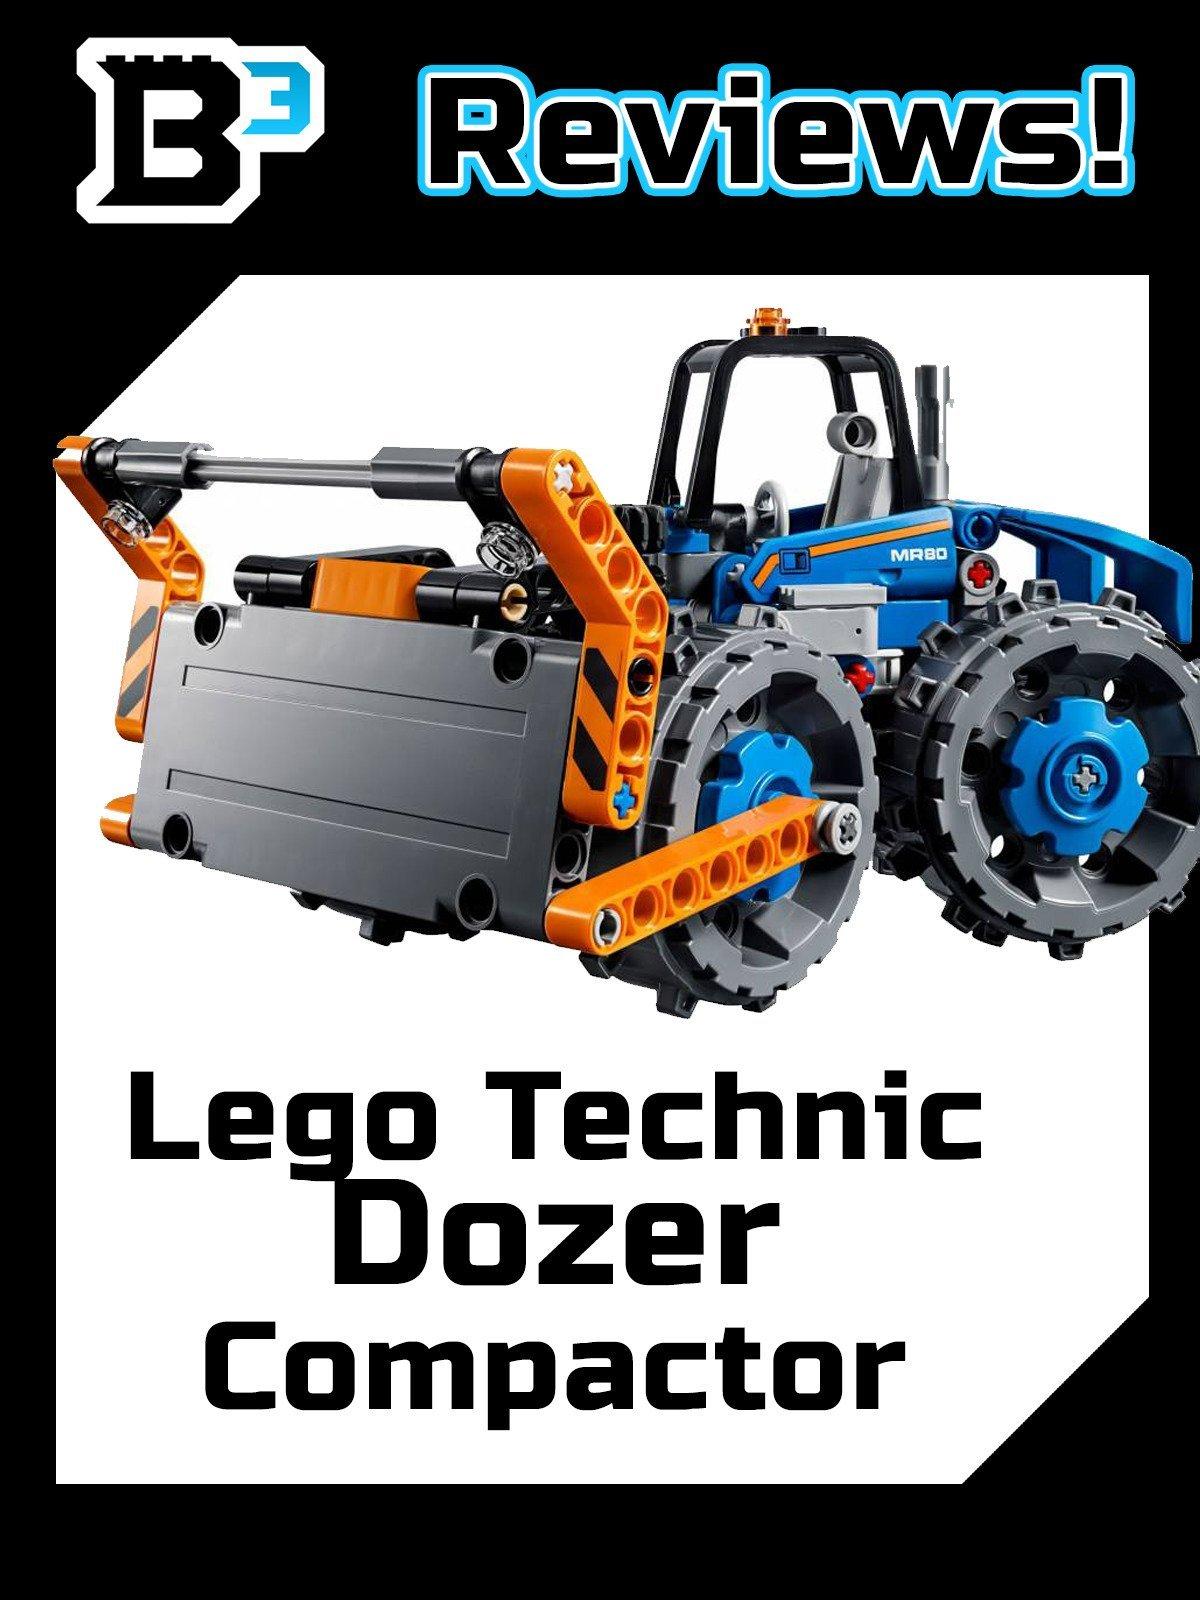 B3 Reviews! Lego Technic Dozer Compactor